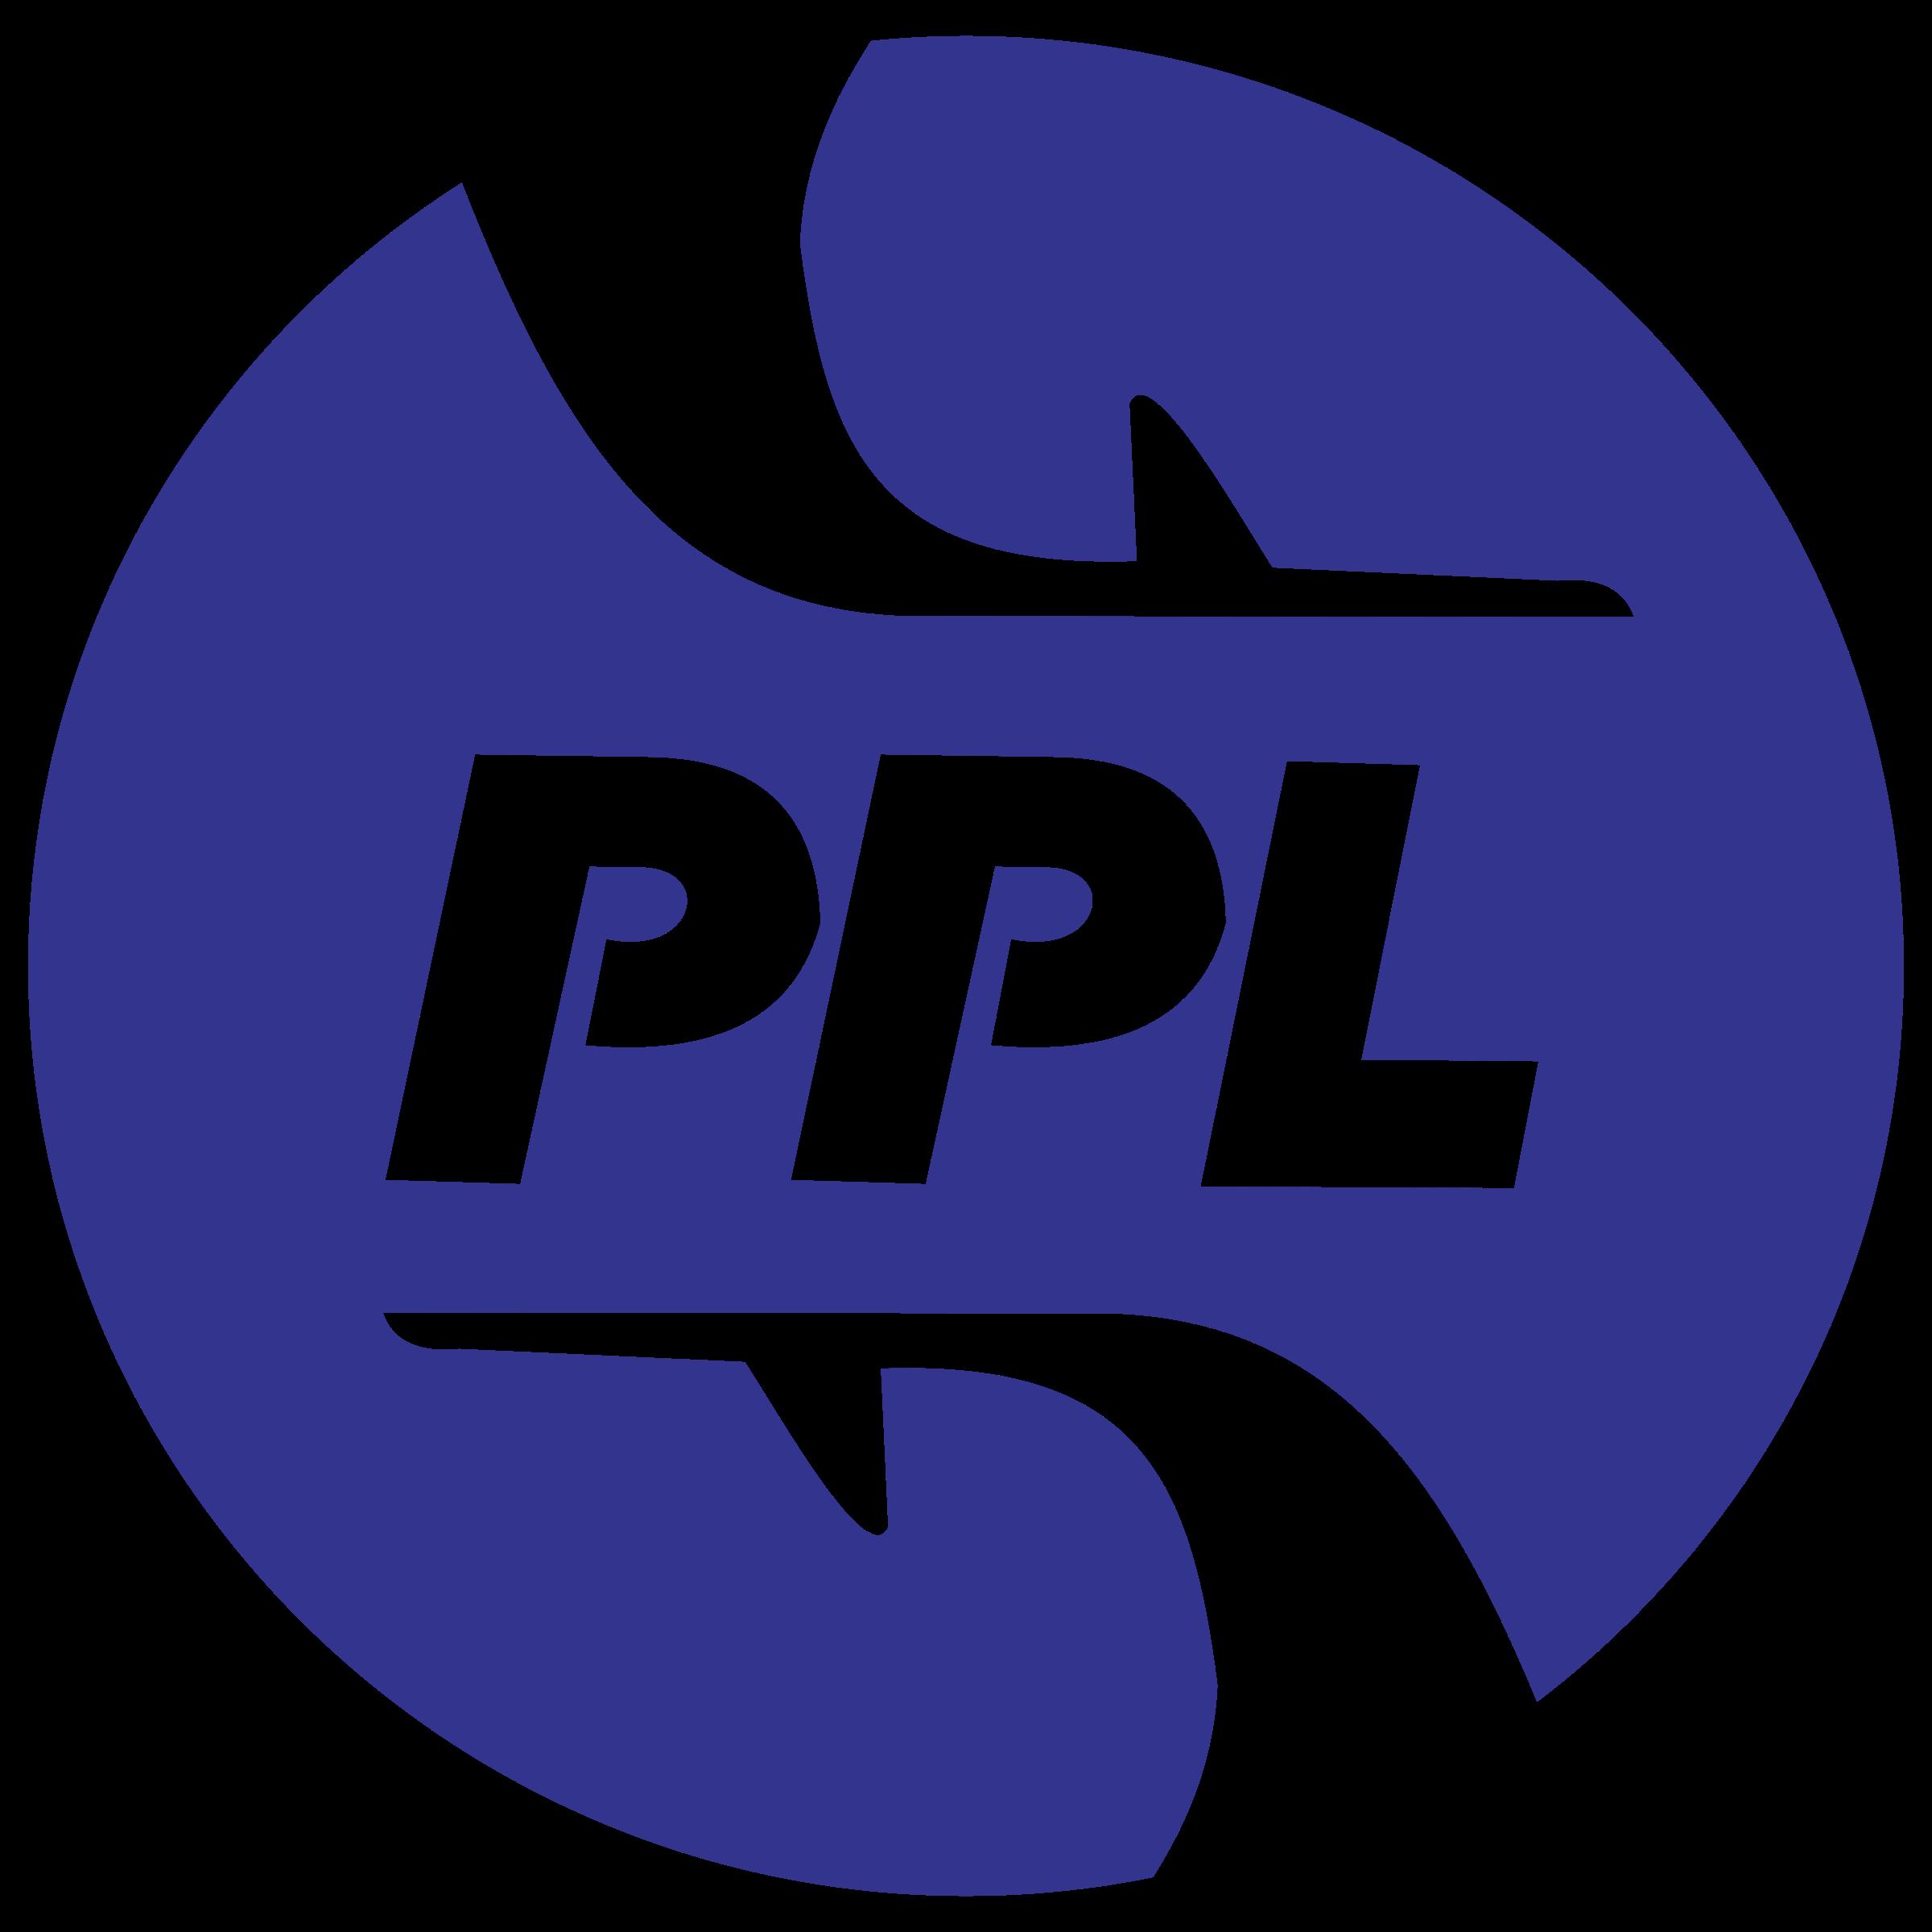 PPL Logo PNG Transparent & SVG Vector.